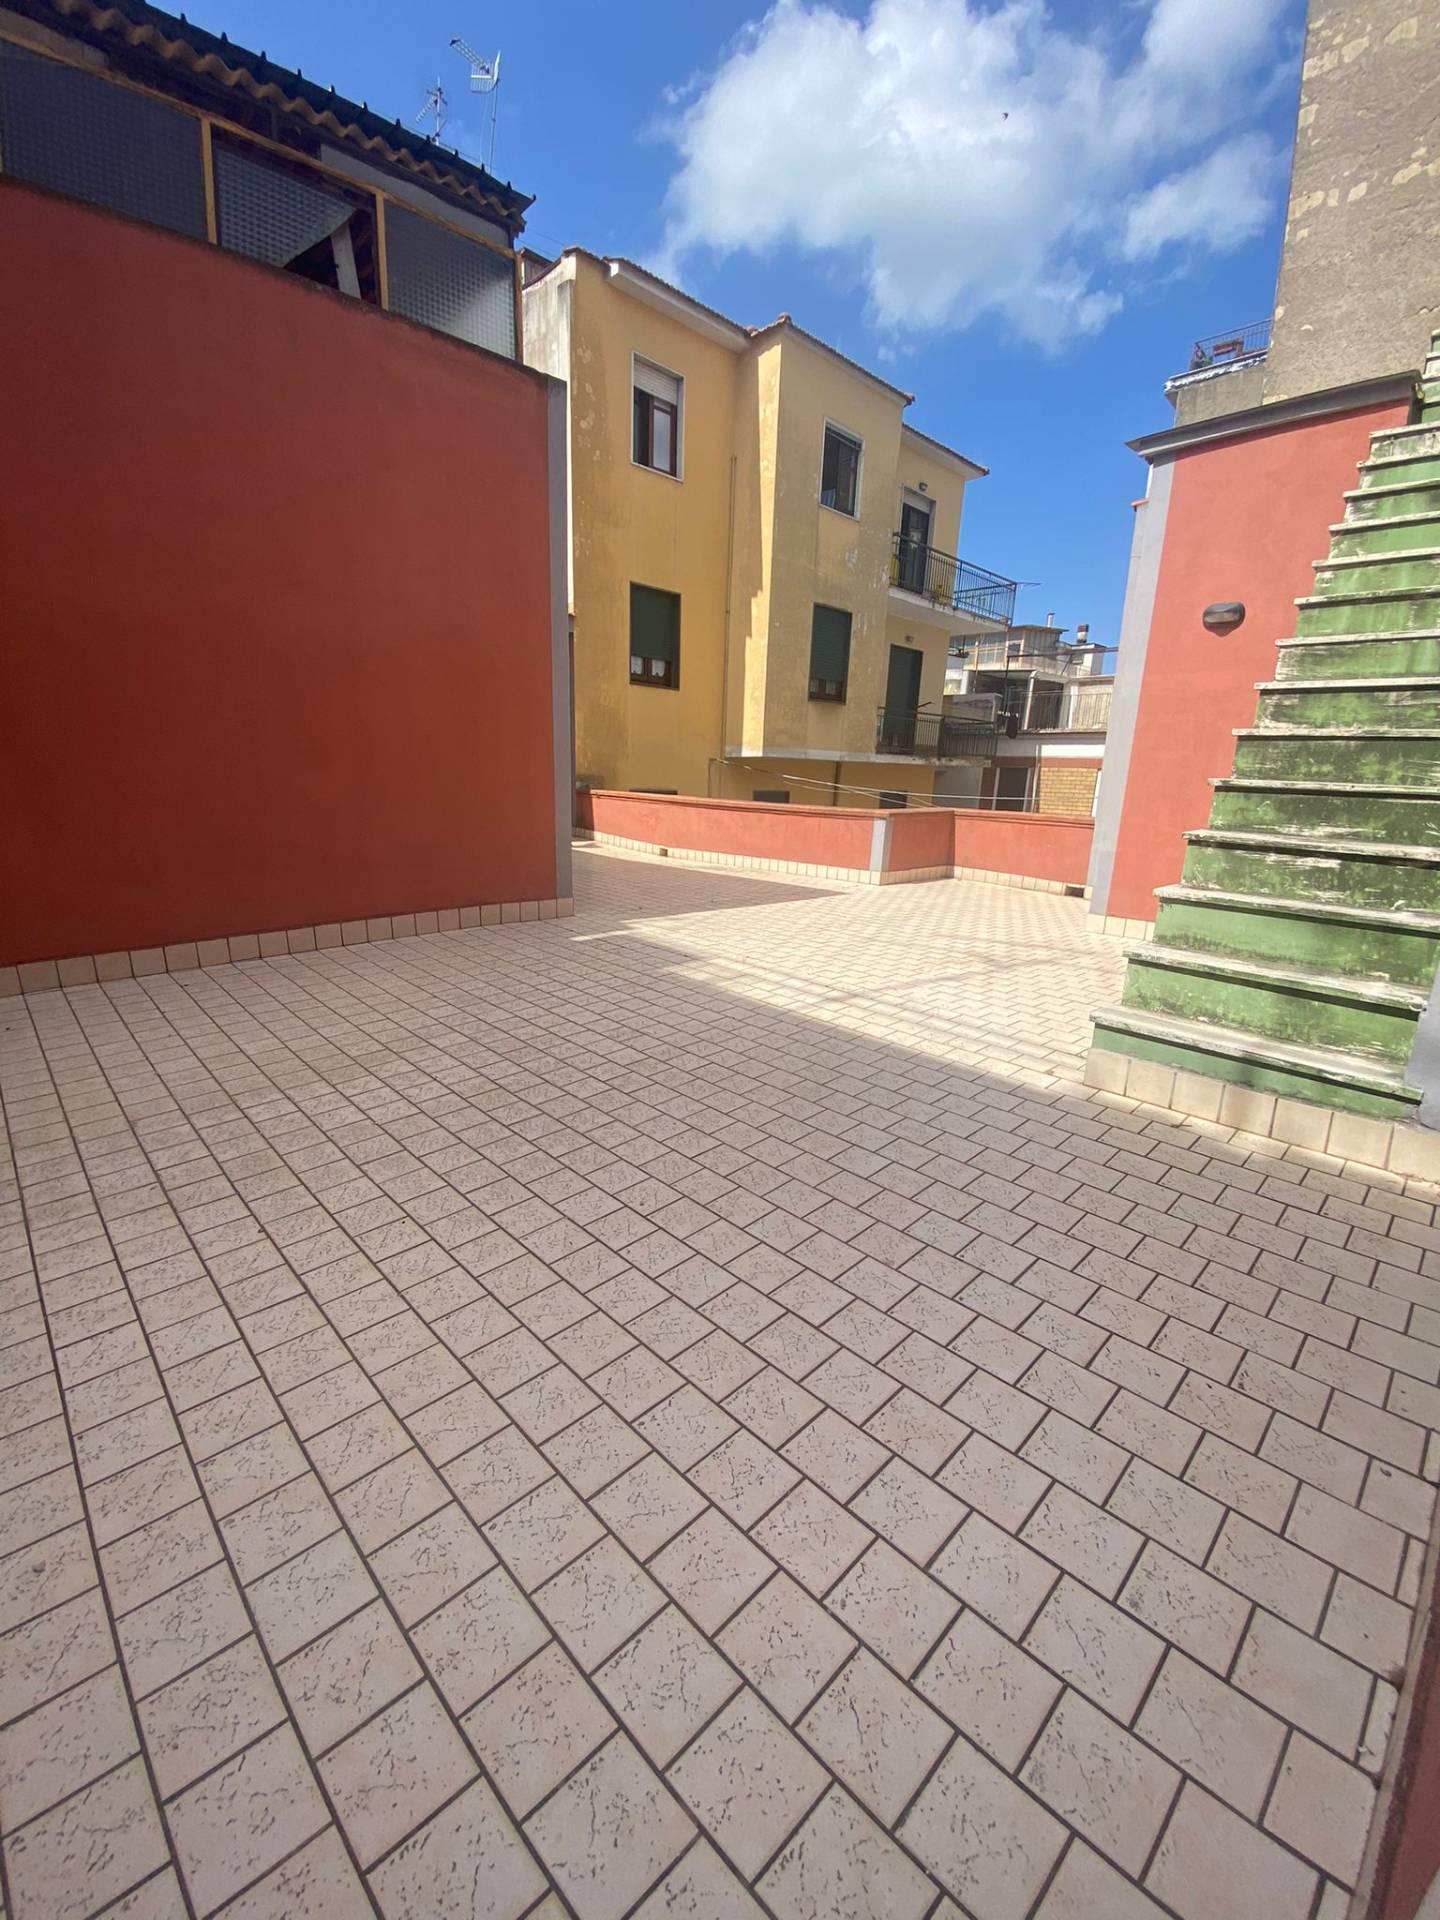 Appartamento in vendita a Marigliano, 3 locali, prezzo € 110.000 | PortaleAgenzieImmobiliari.it